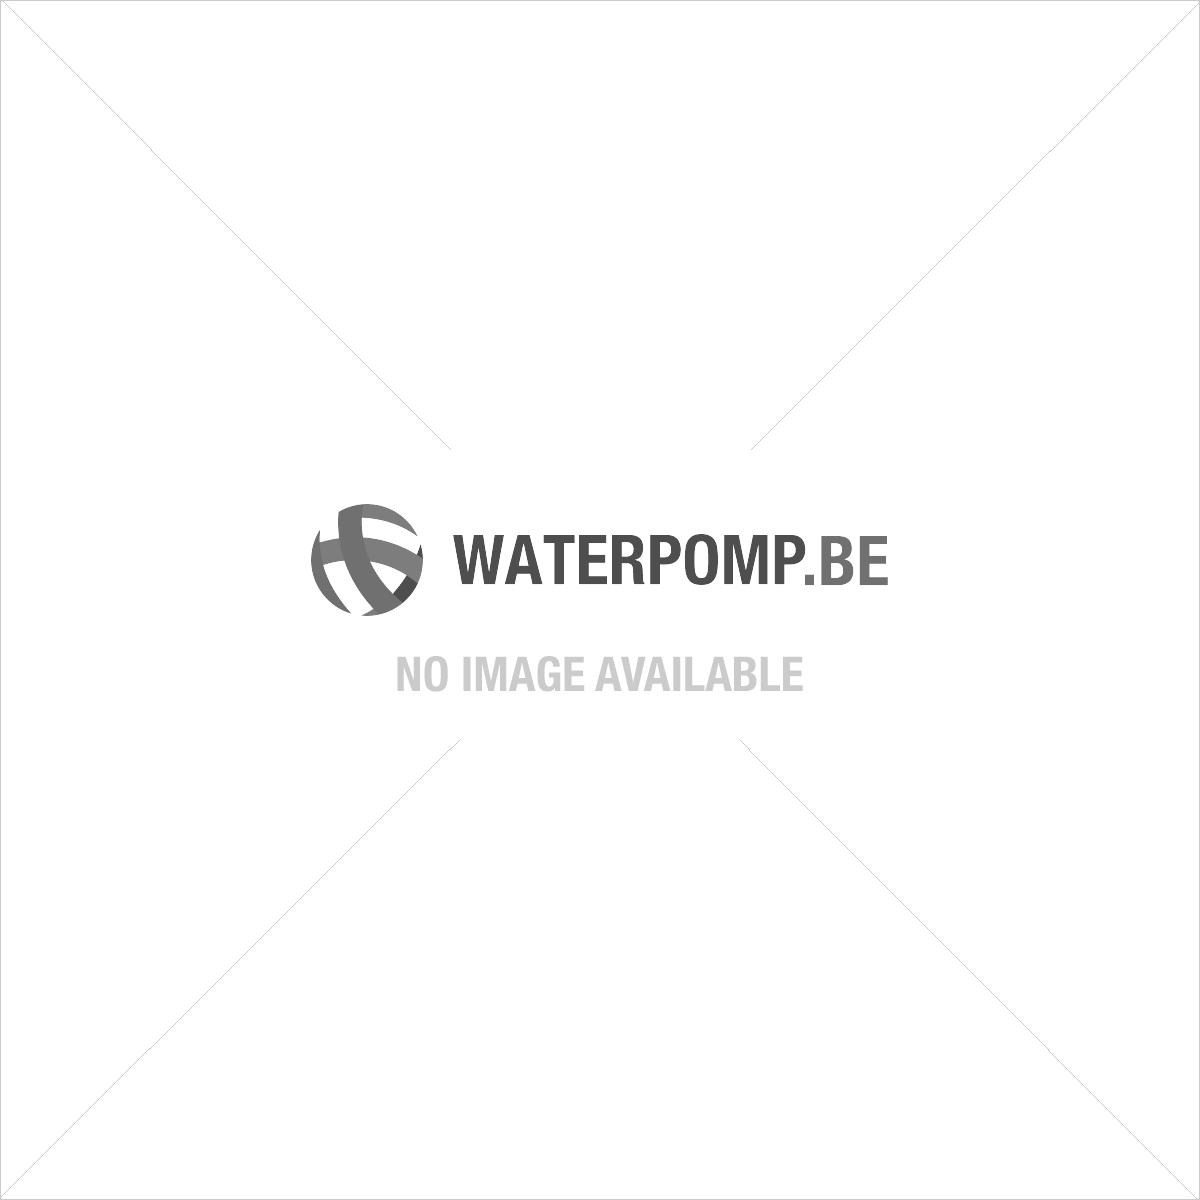 HDPE Pompput 600/1200 Pakket Prestige: Let op, foto is indicatief